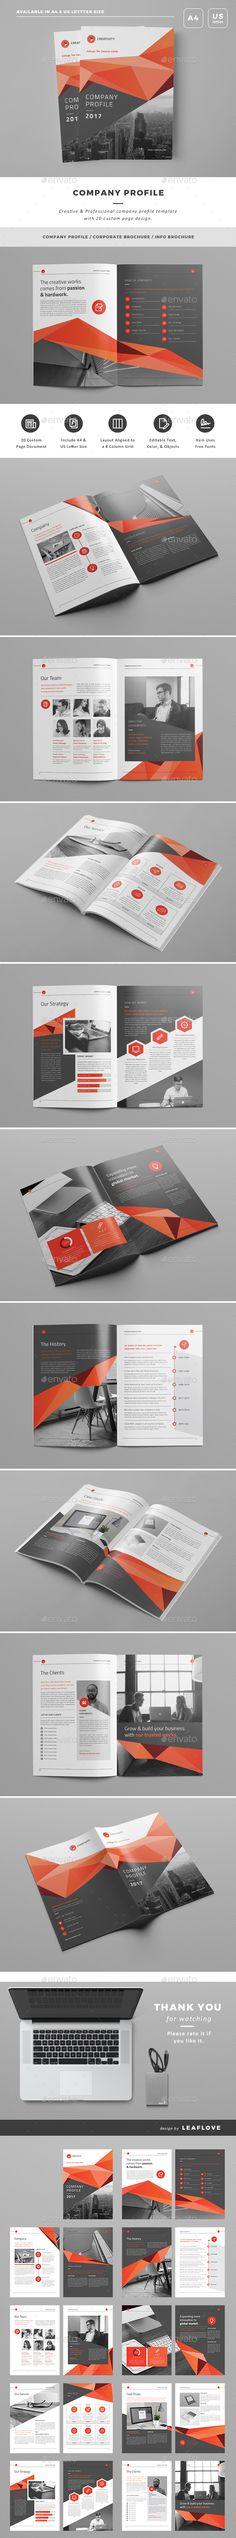 Corporate Bi-fold Brochure Template 01 Brochure template - event brochure template